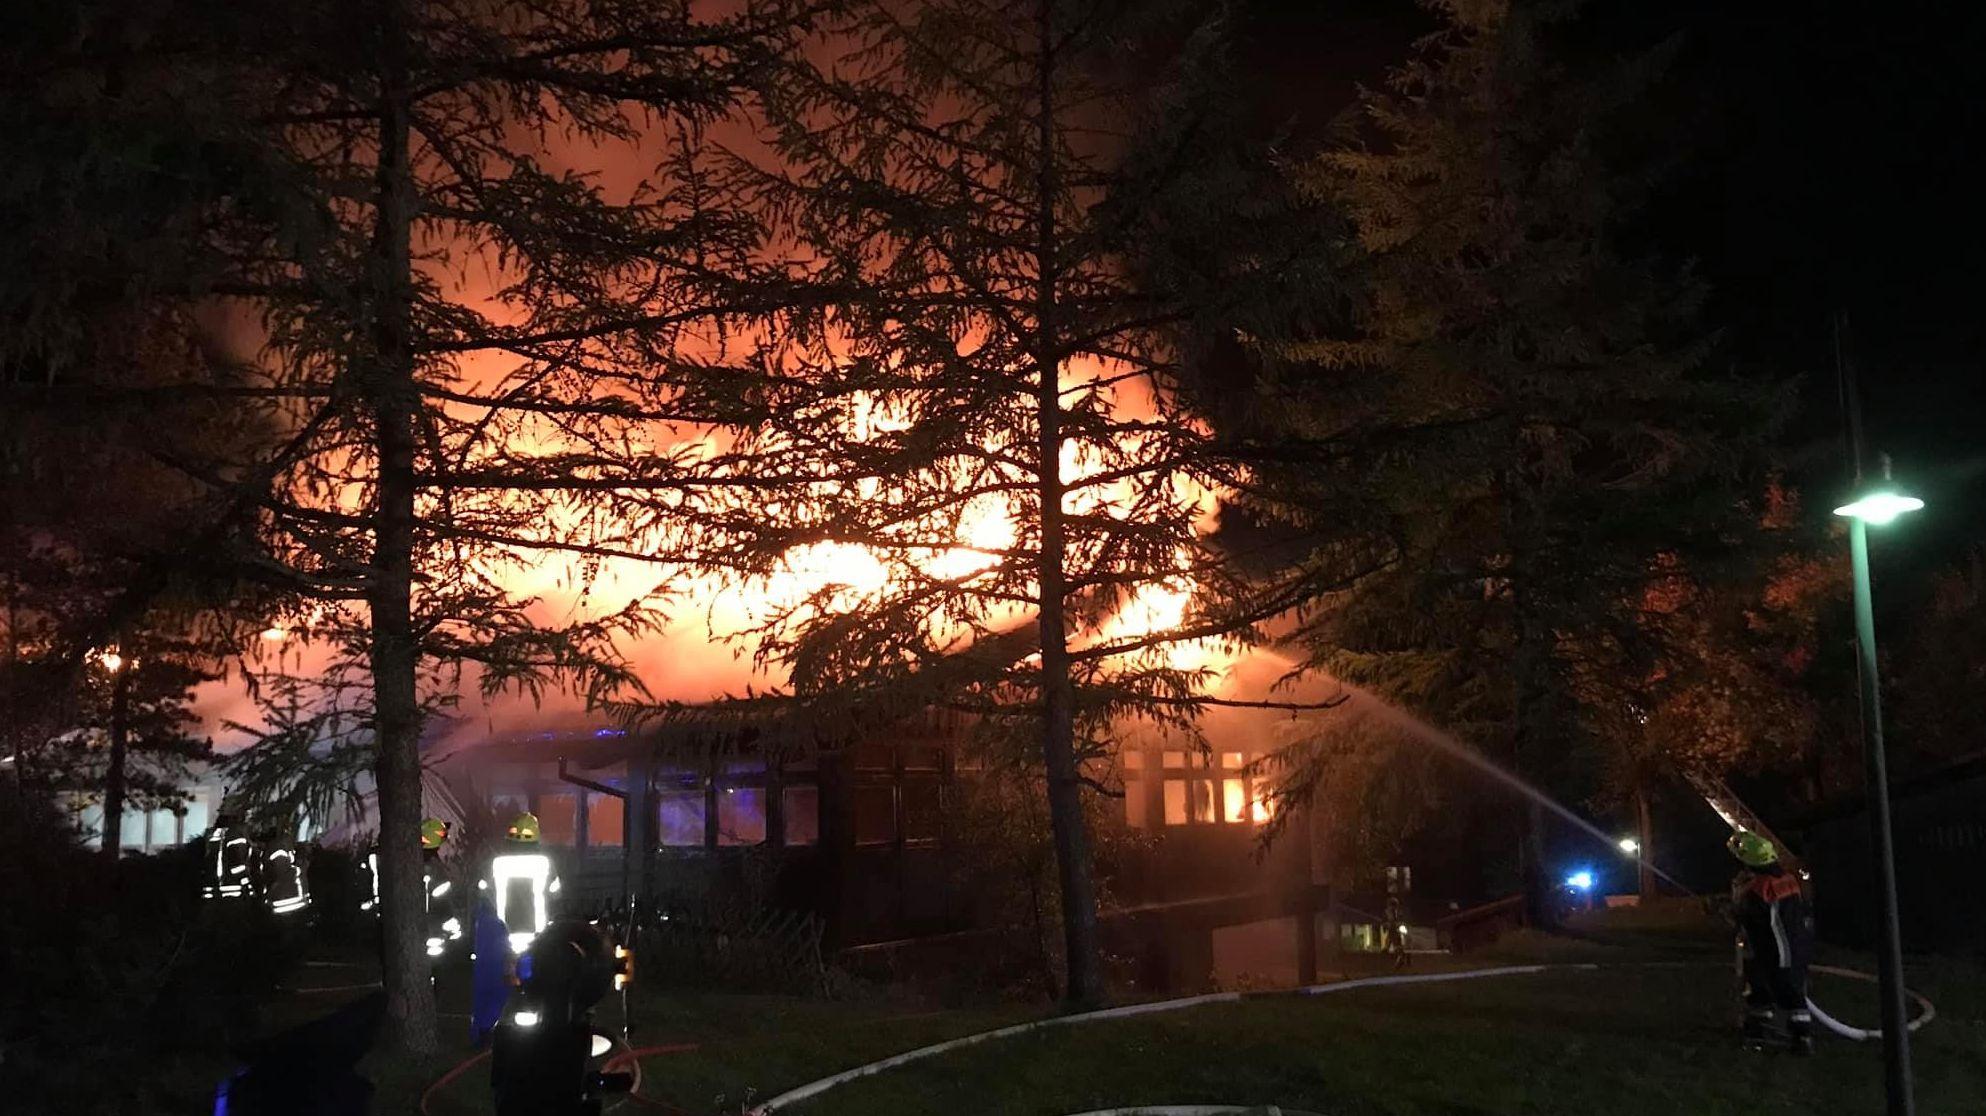 Großbrand in Berchtesgaden: Feuerwehren im Löscheinsatz